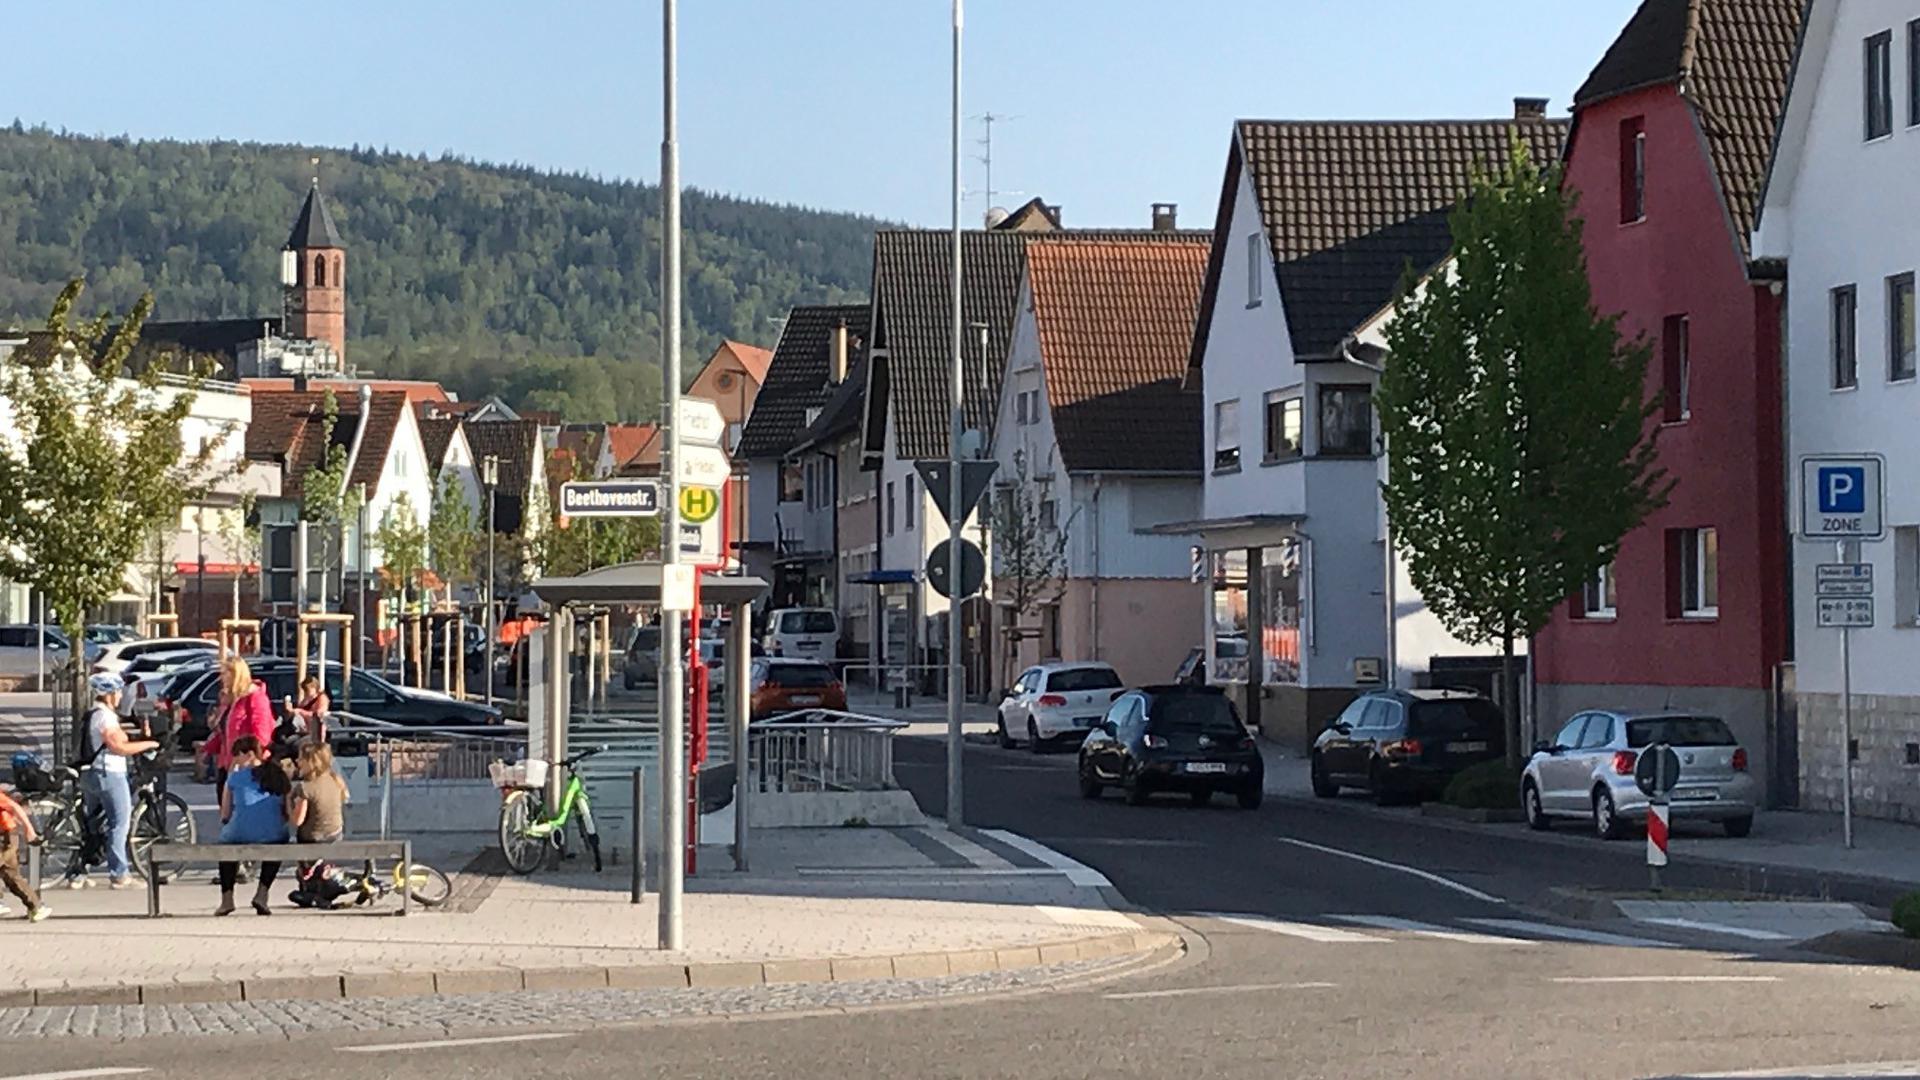 Dorfstraße im Ortszentrum